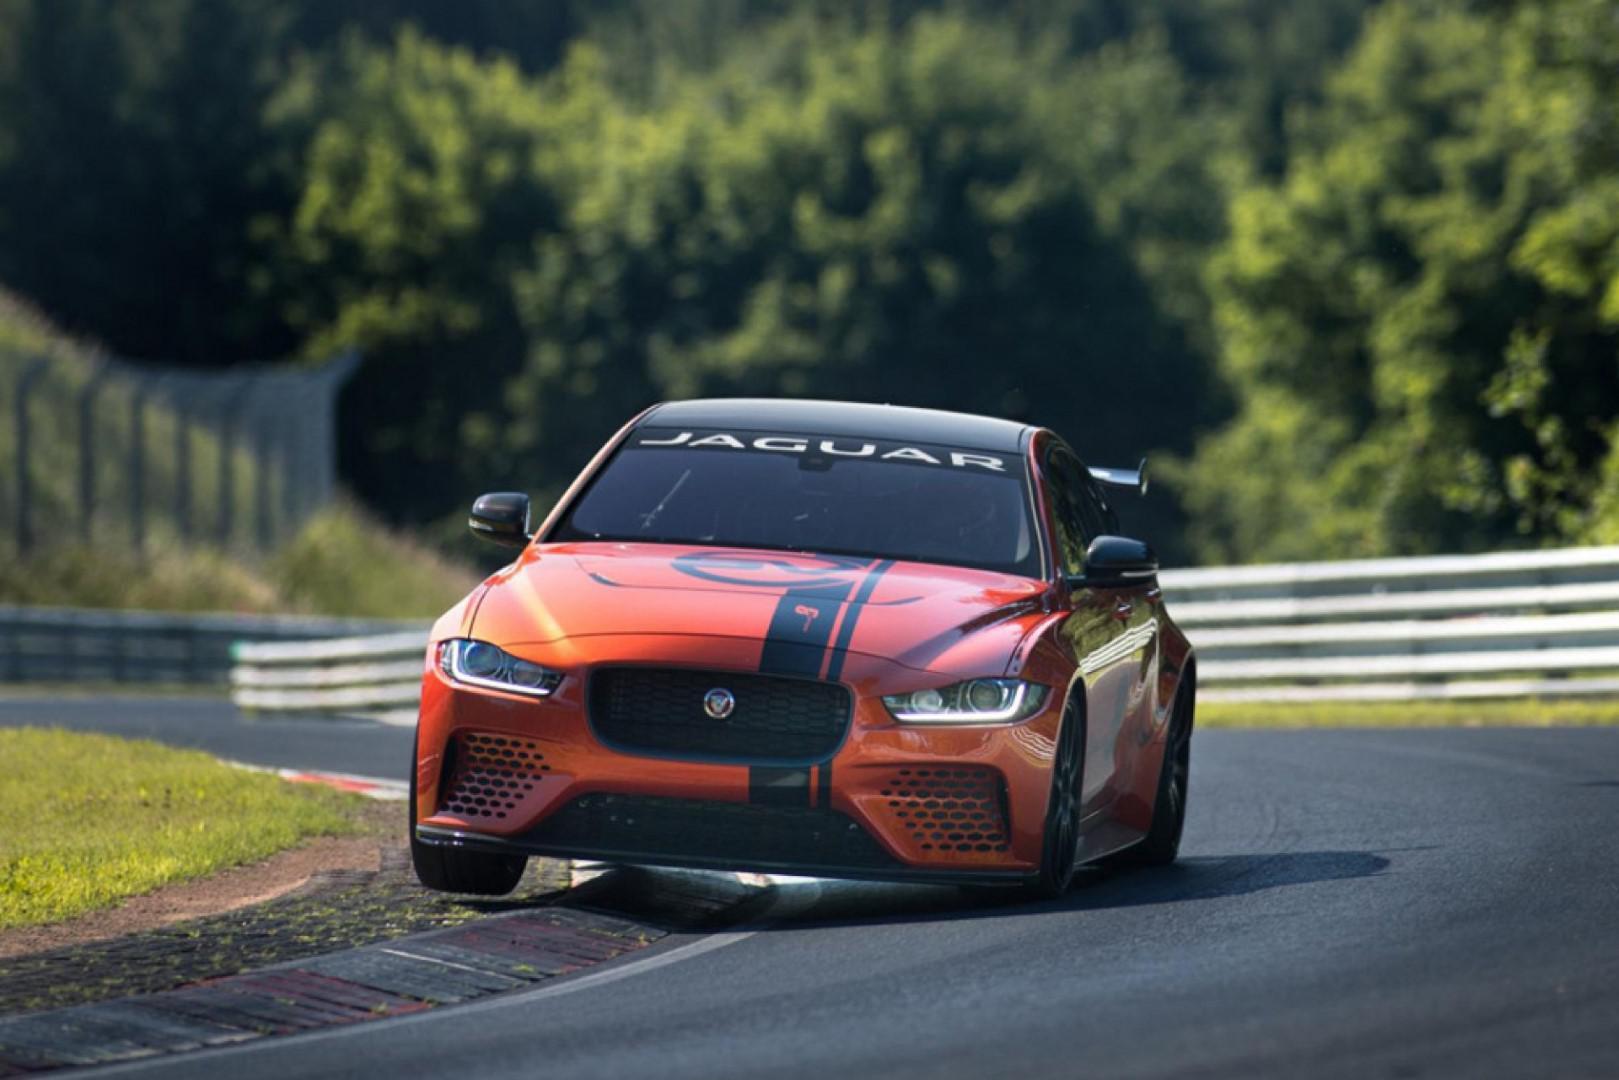 Jaguar XE SV Project 8 : 300 exemplaires de la berline la plus rapide jamais réalisée par Jaguar verront le jour.